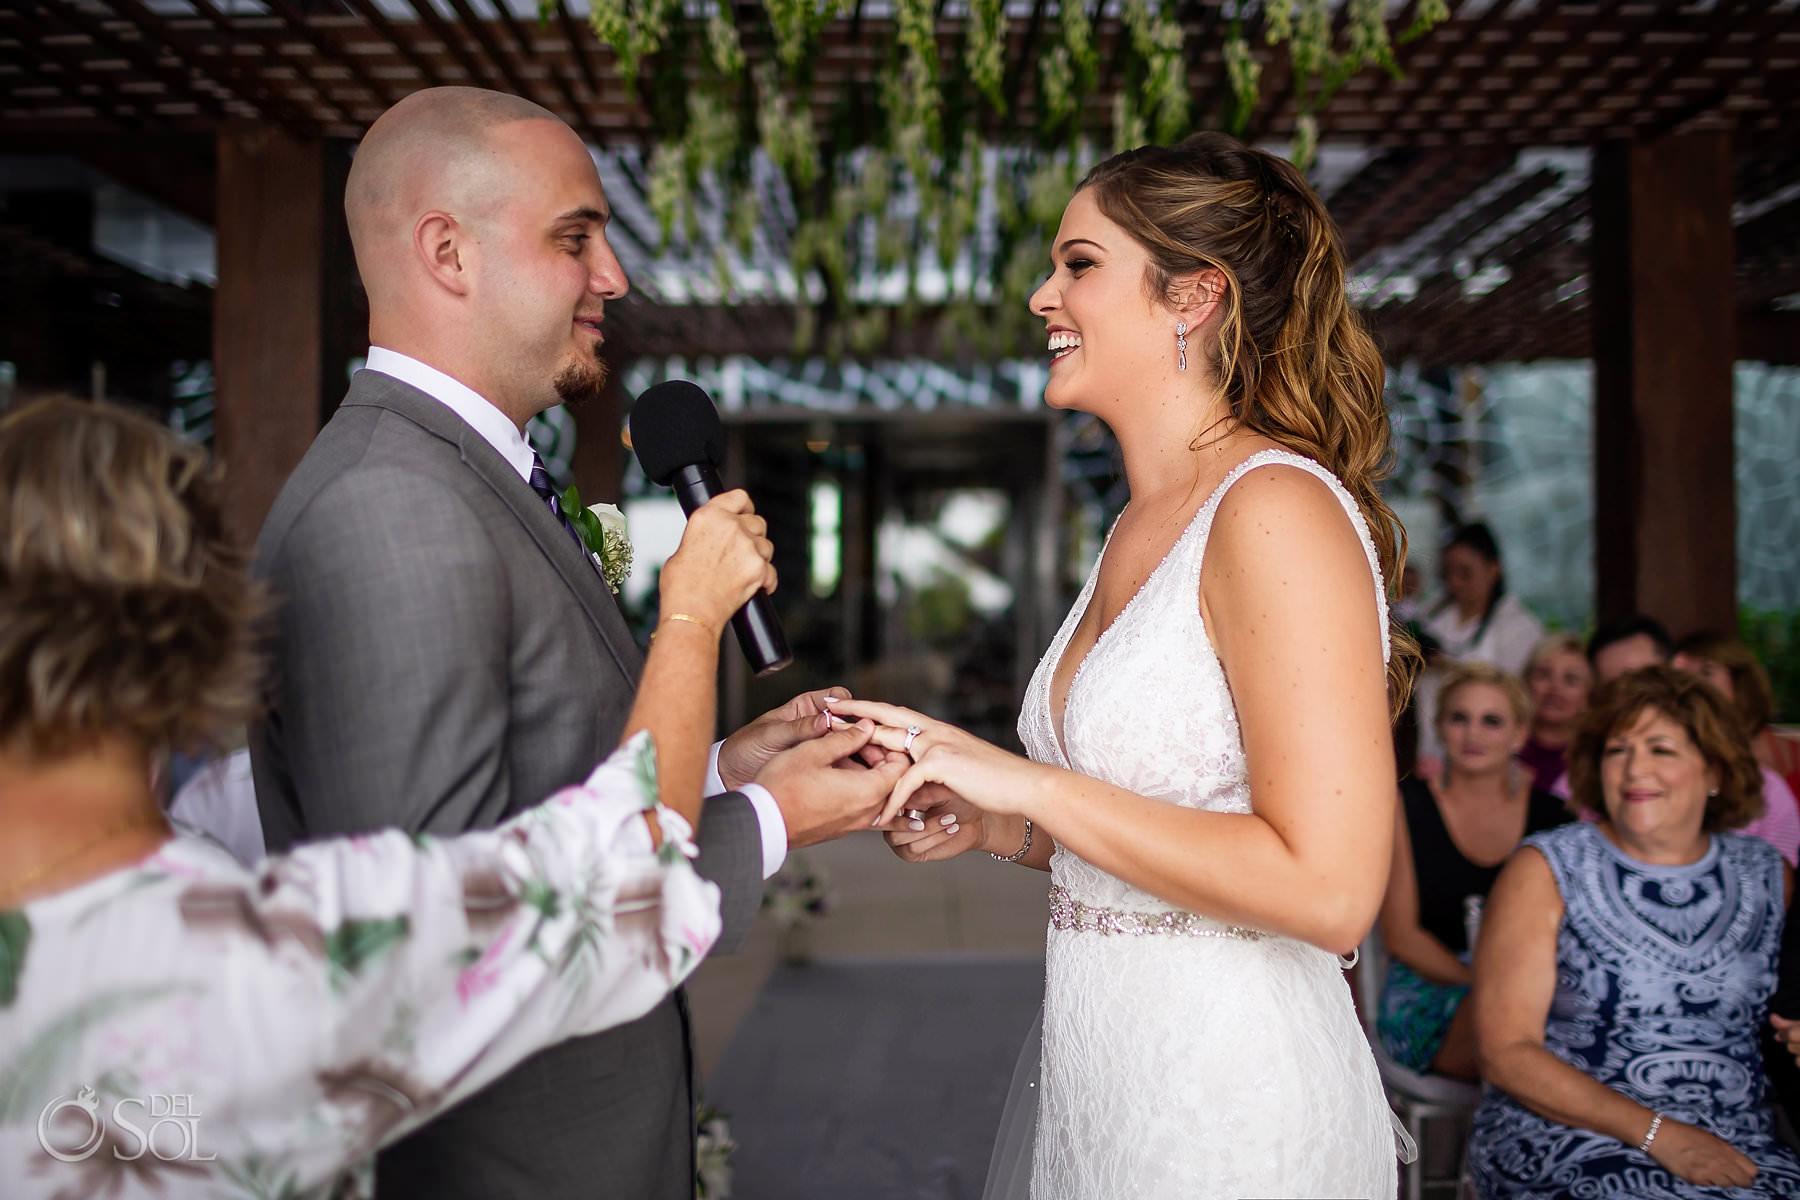 Ring exchange Secrets the Vine terrace wedding ceremony